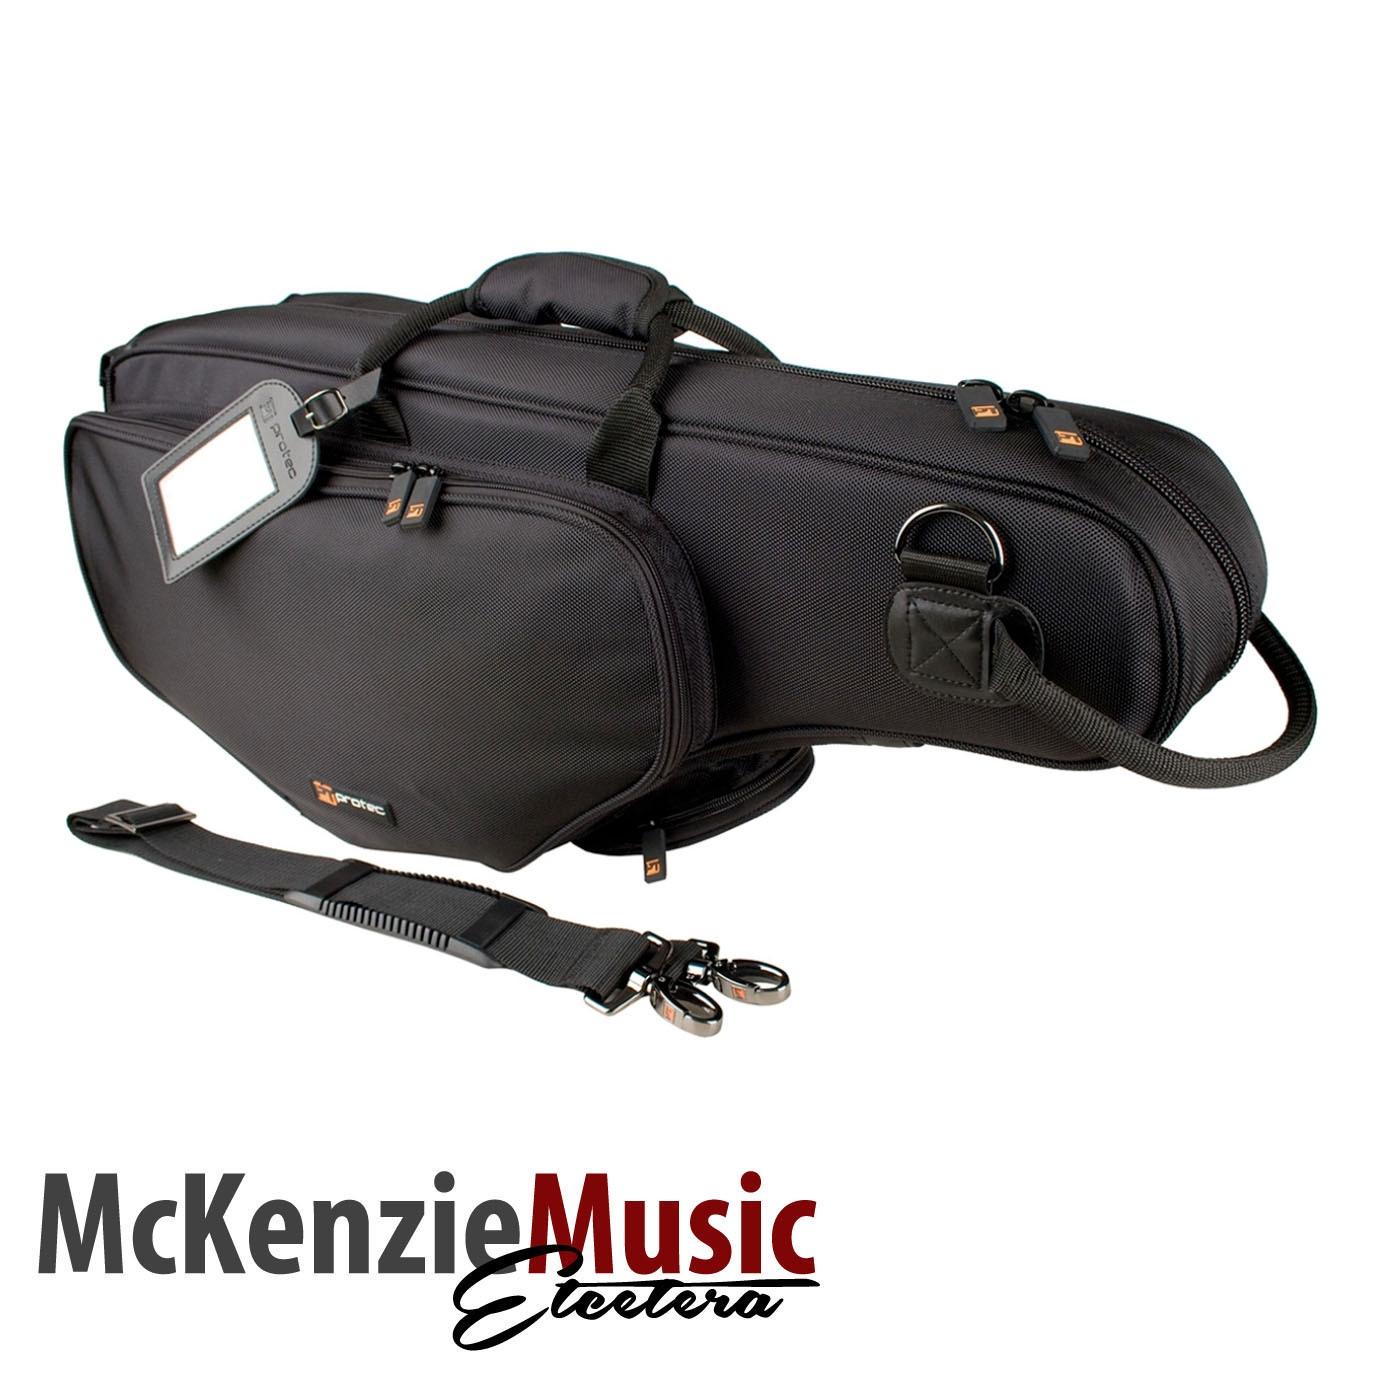 Protec Deluxe Alto Sax Gig Bag